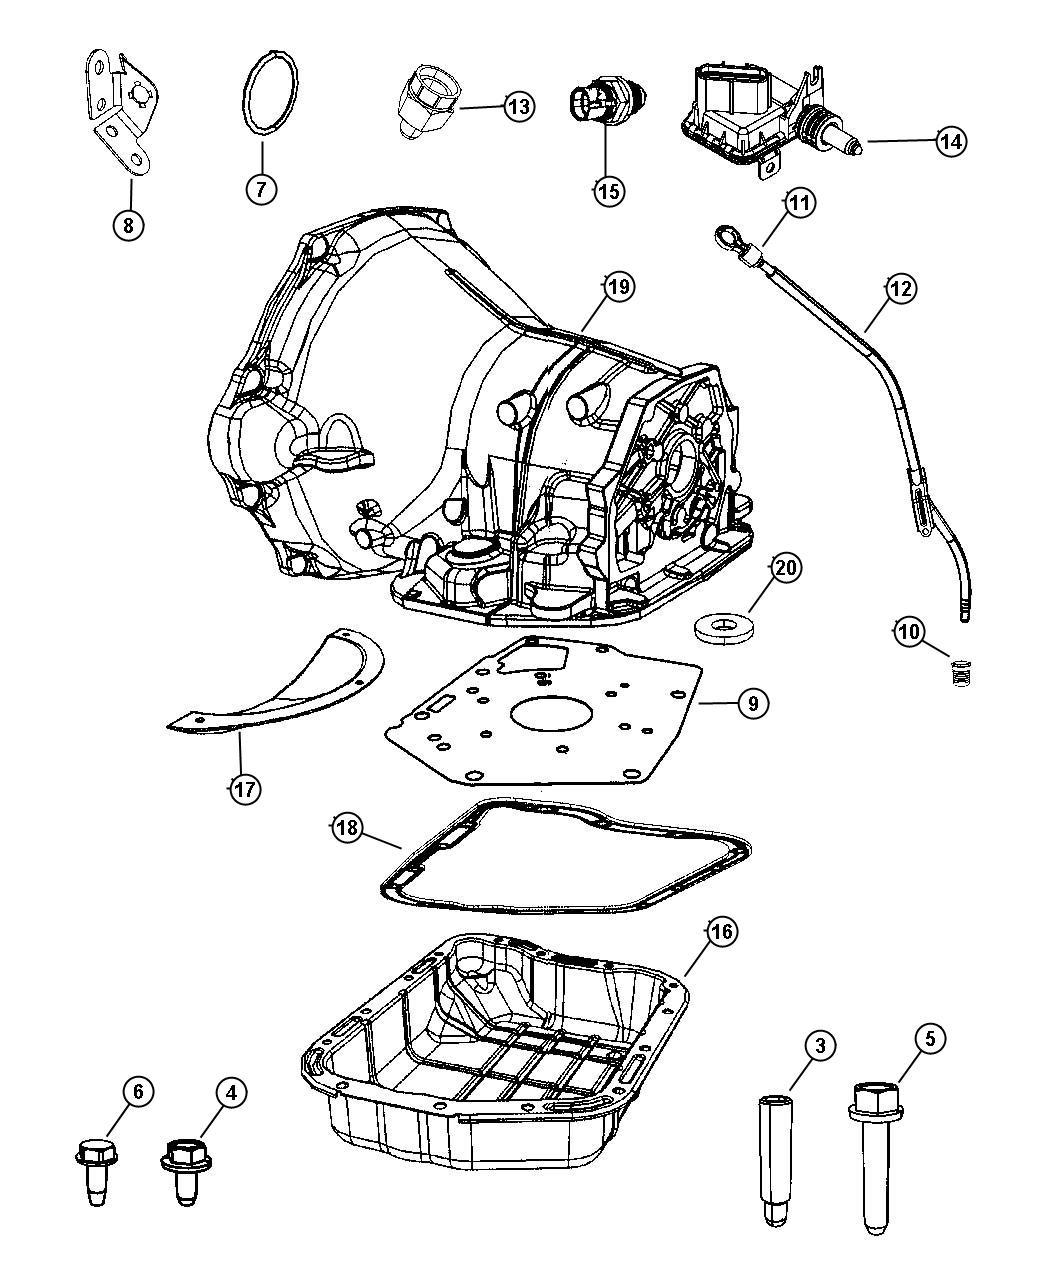 Kw Transfer Case Wiring Diagram Get Free Image